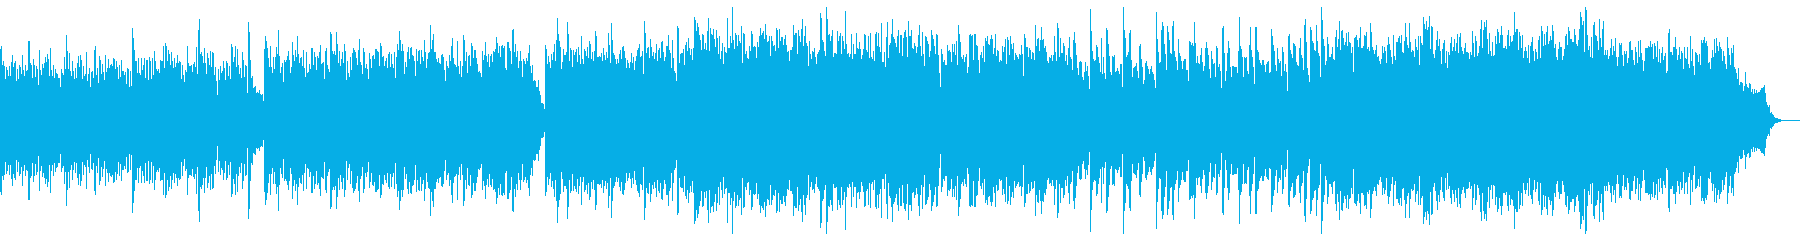 バイエル風から讃美歌風に発展するピアノの再生済みの波形